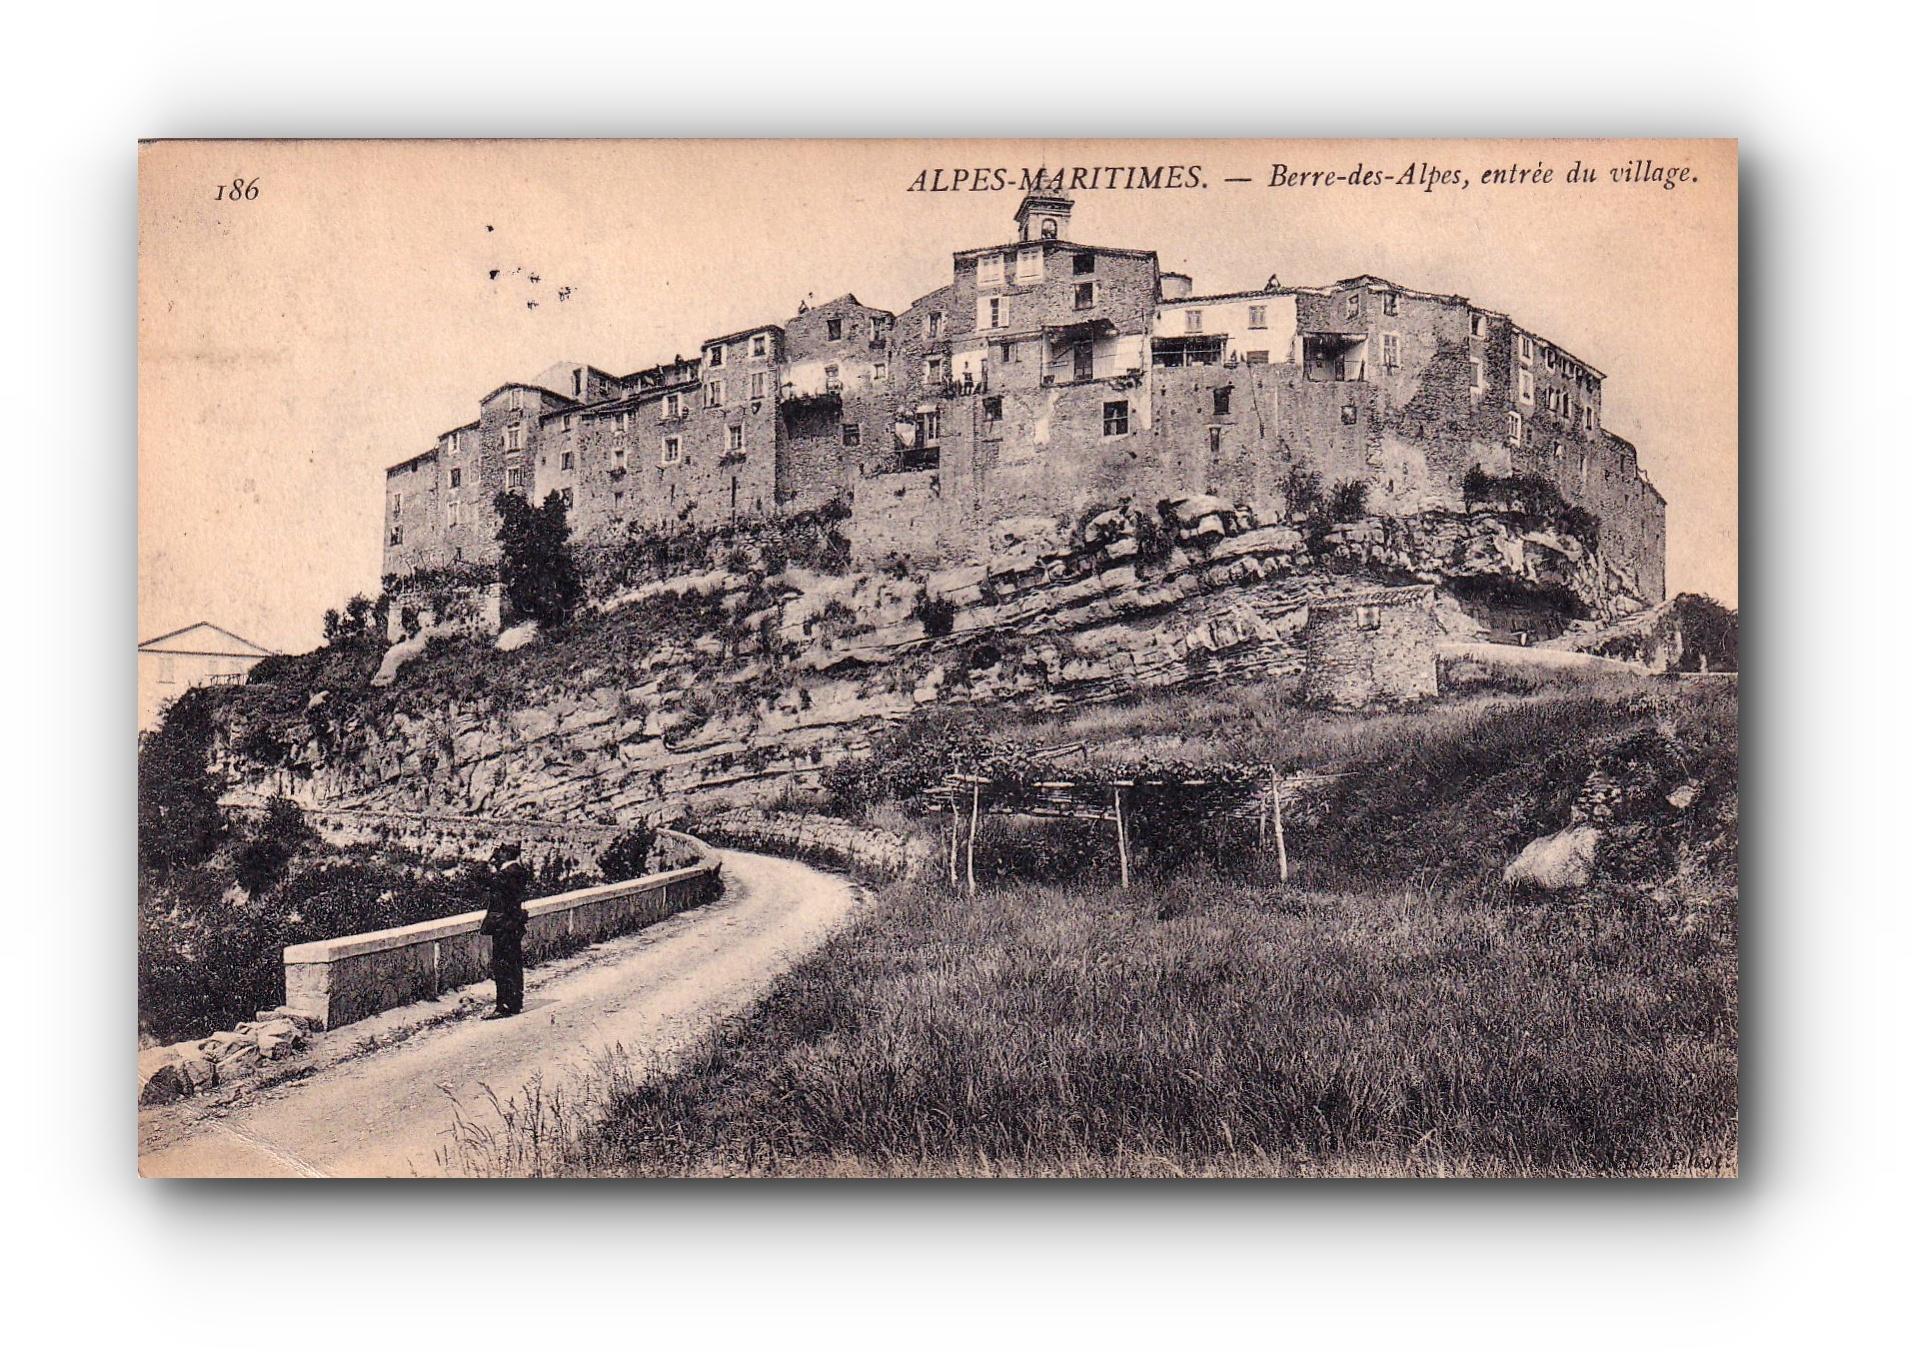 ALPES MARITIMES -  27.08.1901 - Berre des Alpes - Entrée du village - Eingang zum Dorf - Entrance to the village